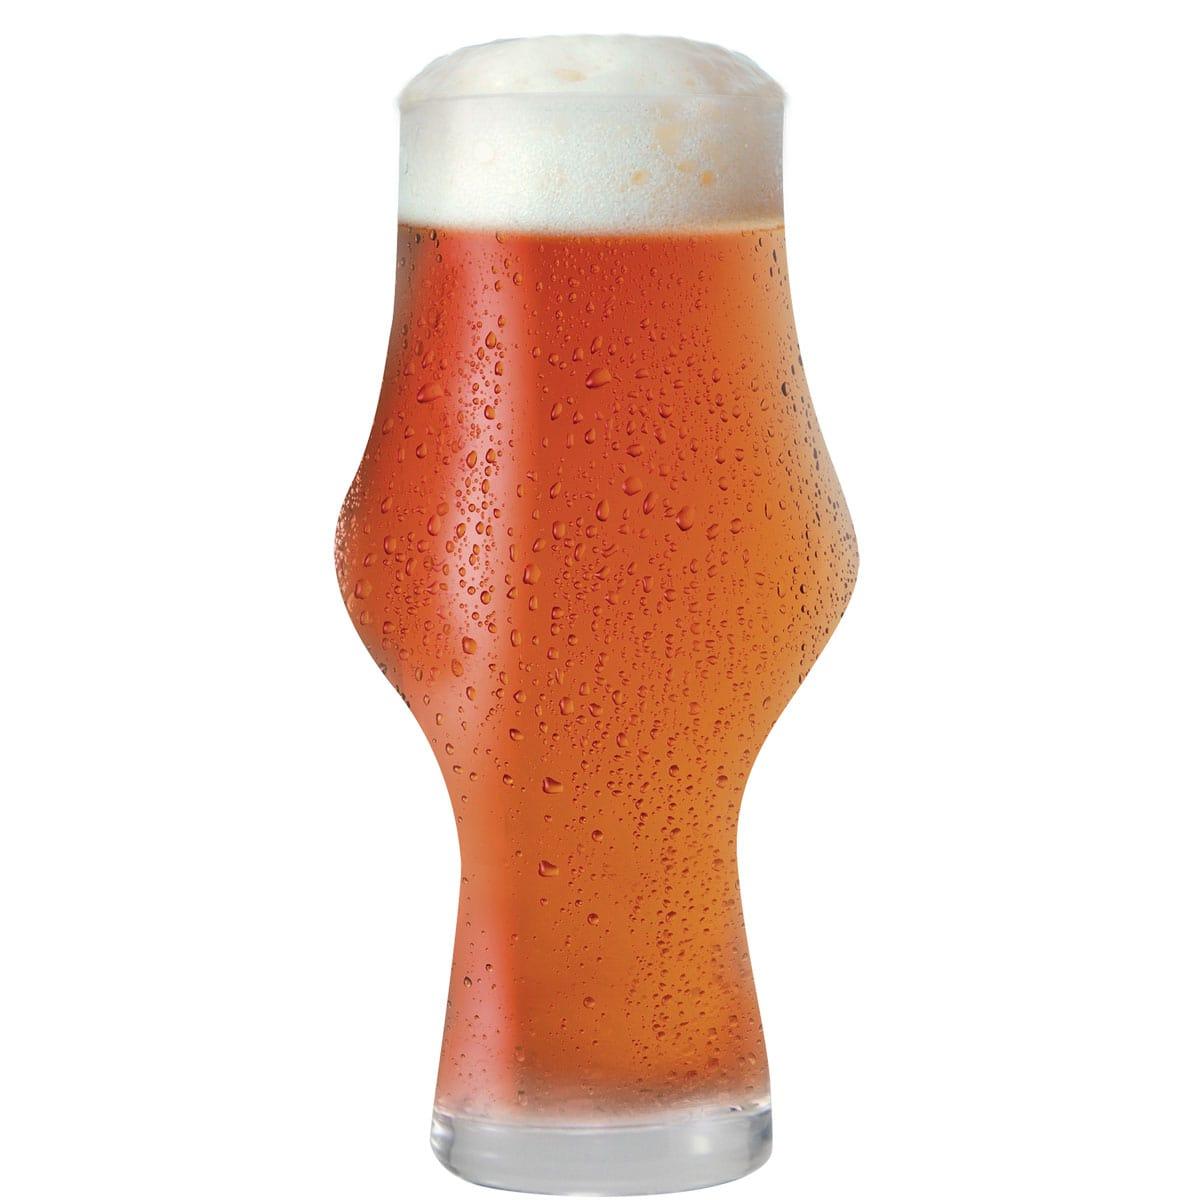 Copo Craft Beer 495ml (Caixa com 12 unidades)